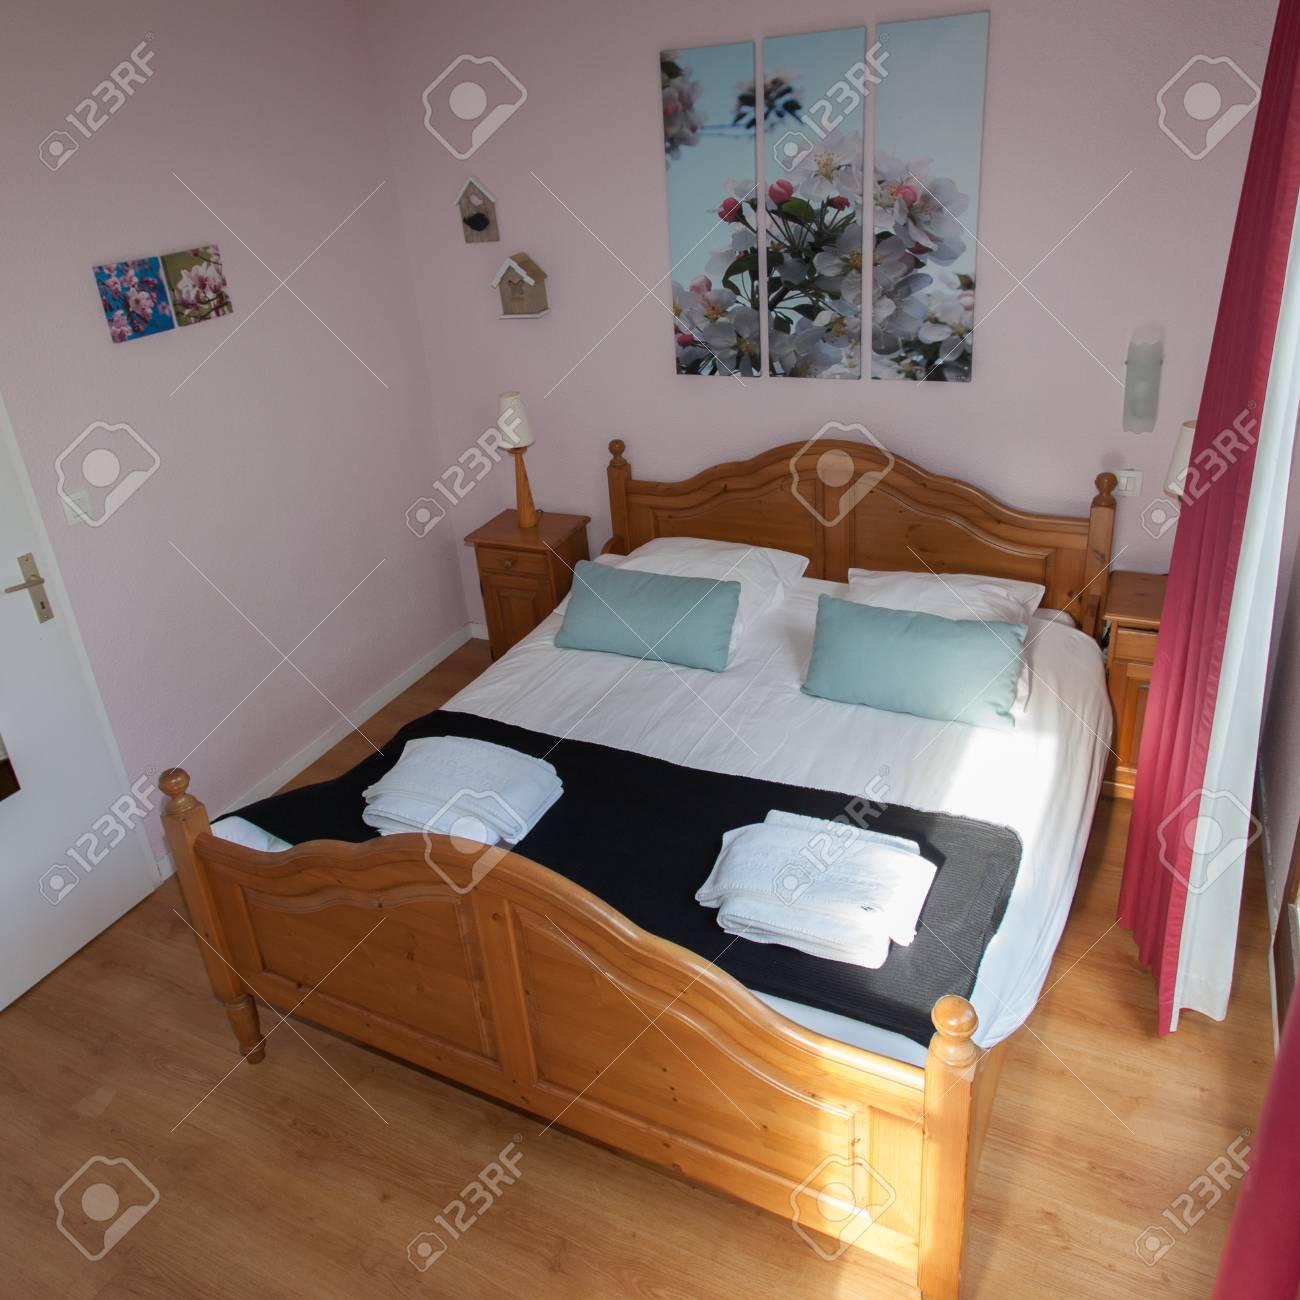 Doppelbett Im Schlafzimmer Mit Schreibtisch Lampe In Der Nähe Davon  Standard Bild   49964056